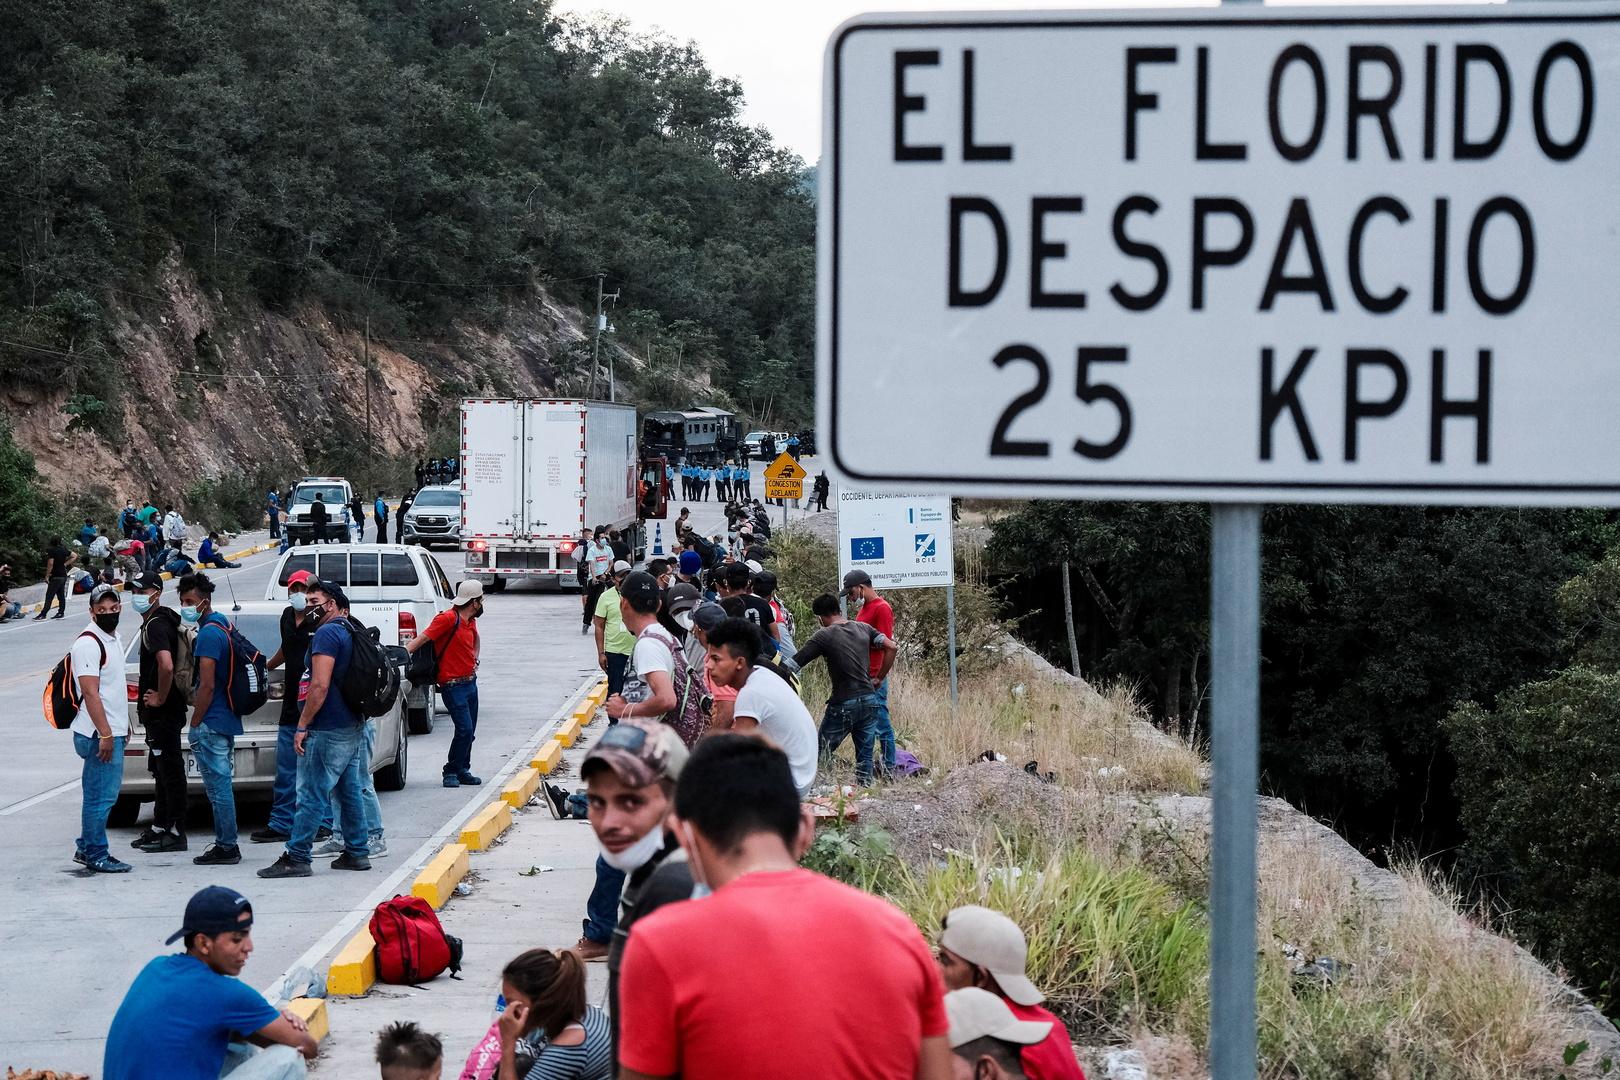 هندوراسيون يشاركون في قافلة المهاجرين إلى الحدود الأمريكية